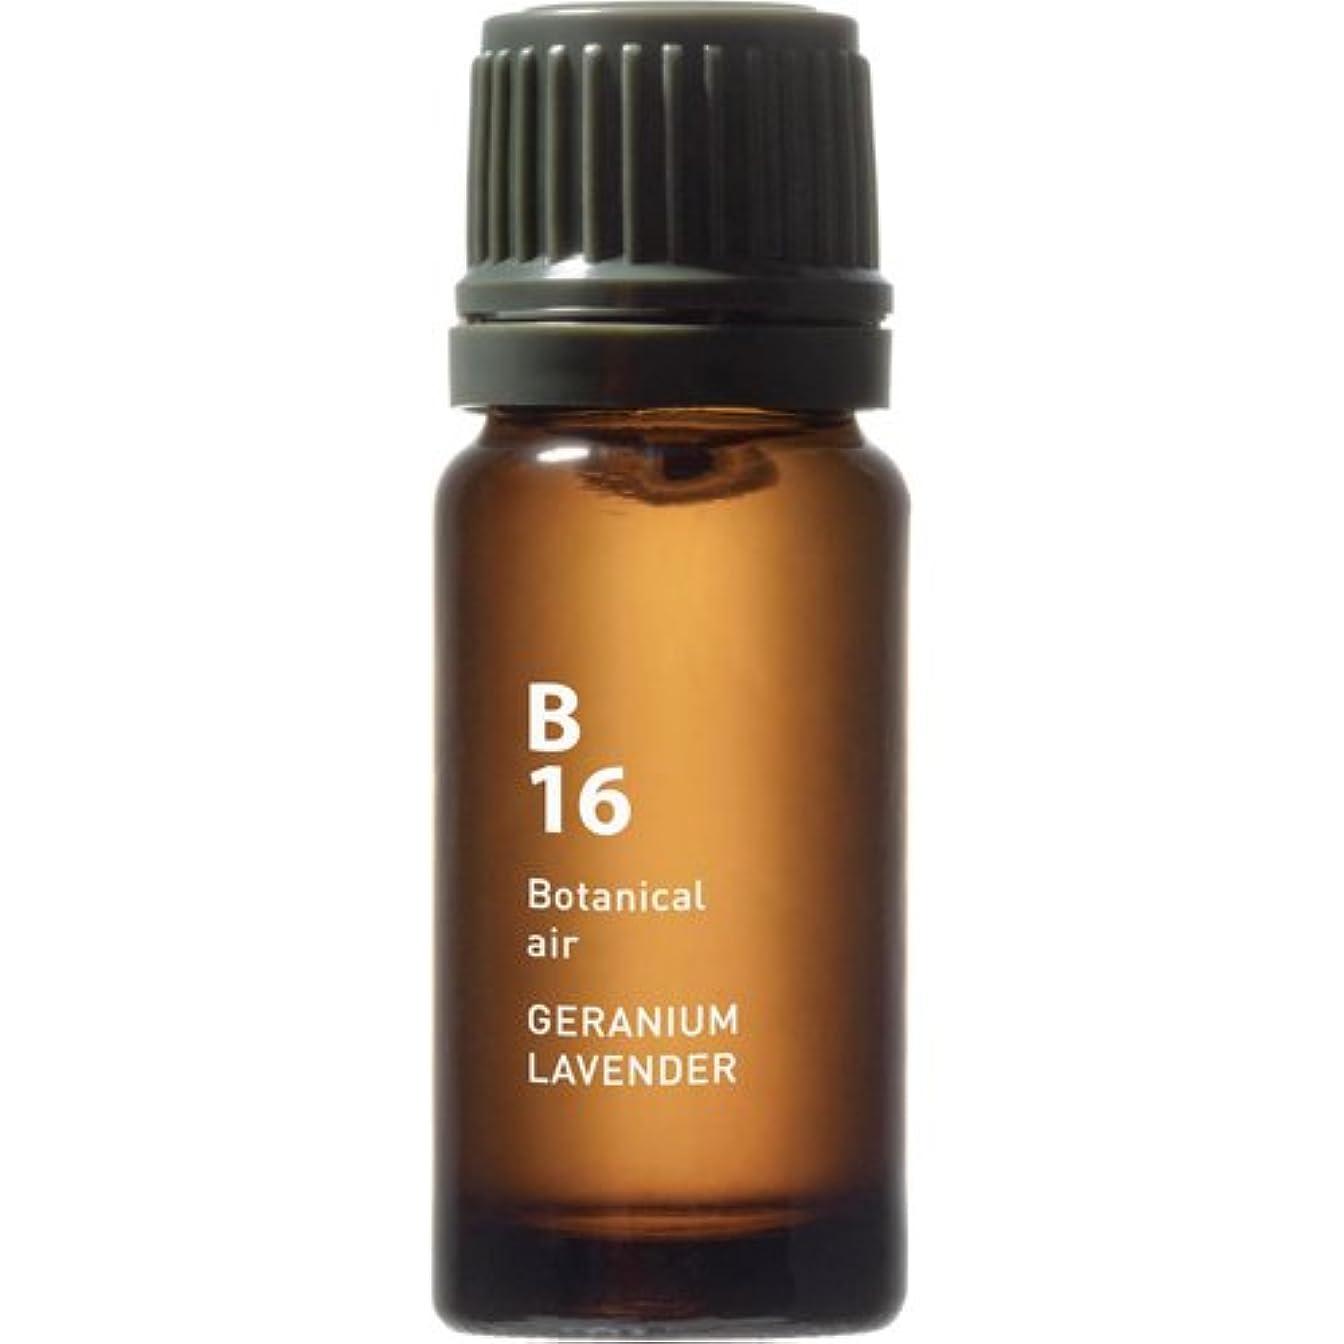 オリエント霜困難B16 ゼラニウムラベンダー Botanical air(ボタニカルエアー) 10ml